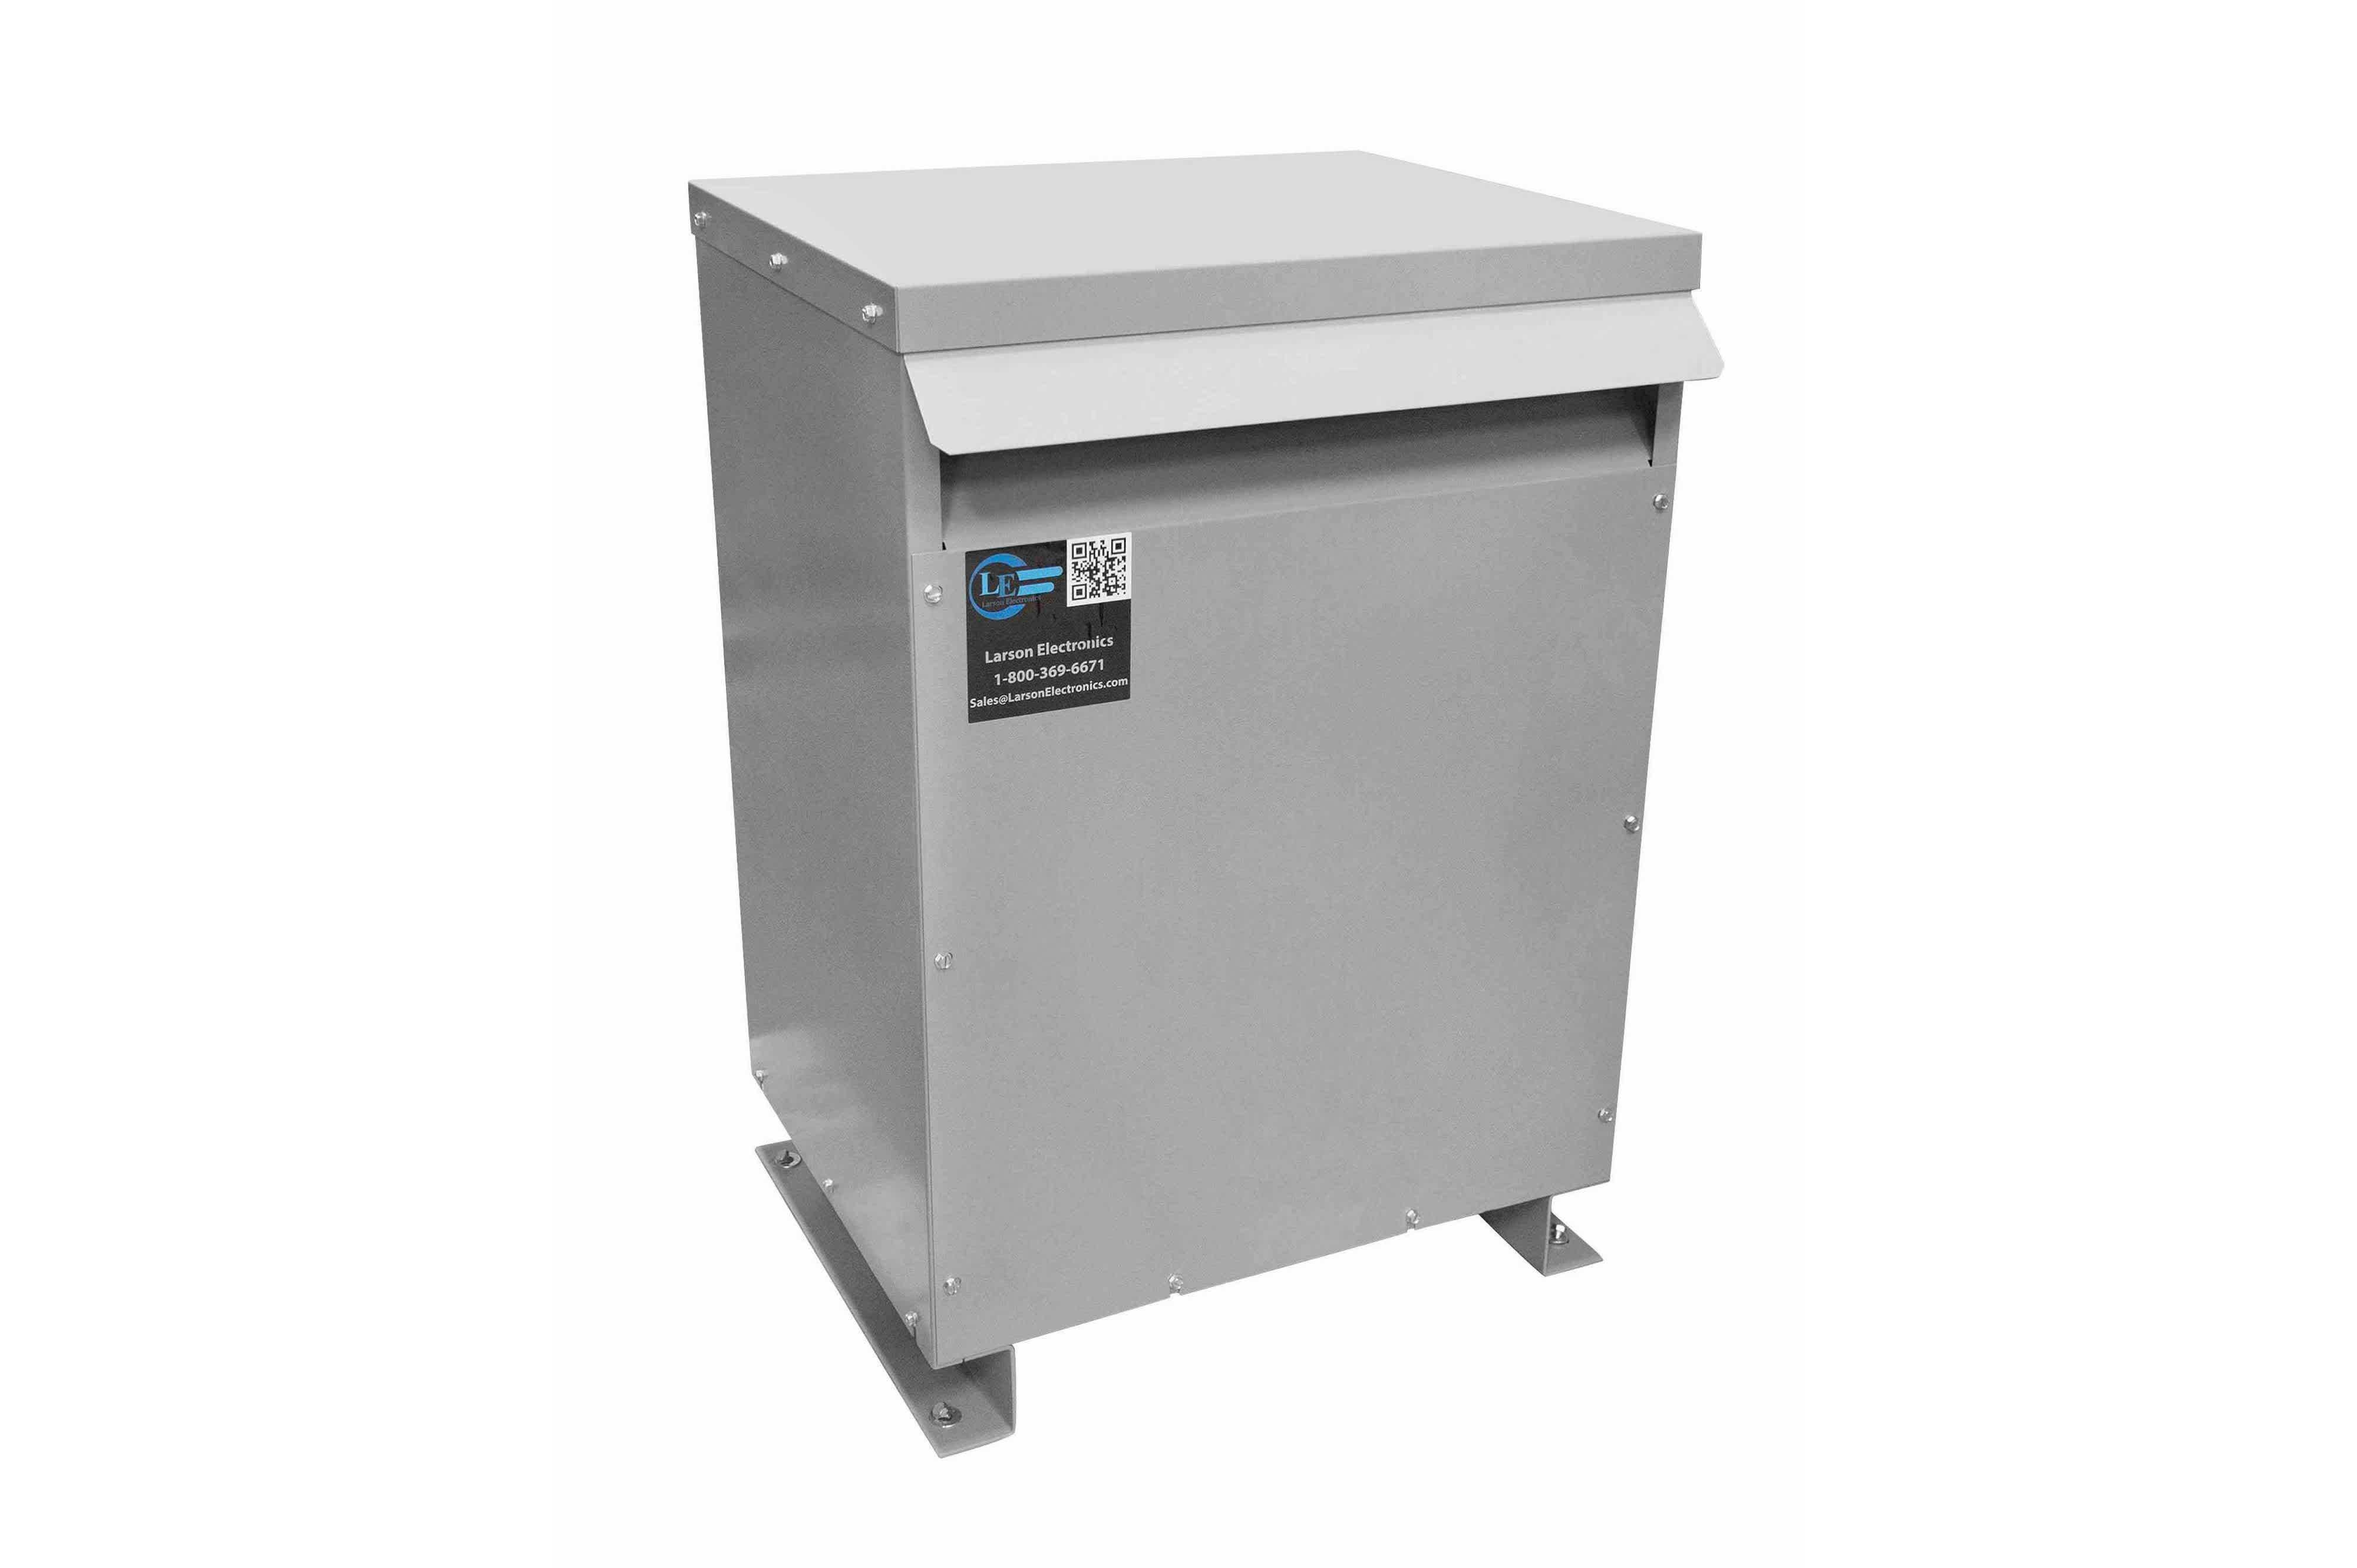 110 kVA 3PH Isolation Transformer, 440V Delta Primary, 240 Delta Secondary, N3R, Ventilated, 60 Hz